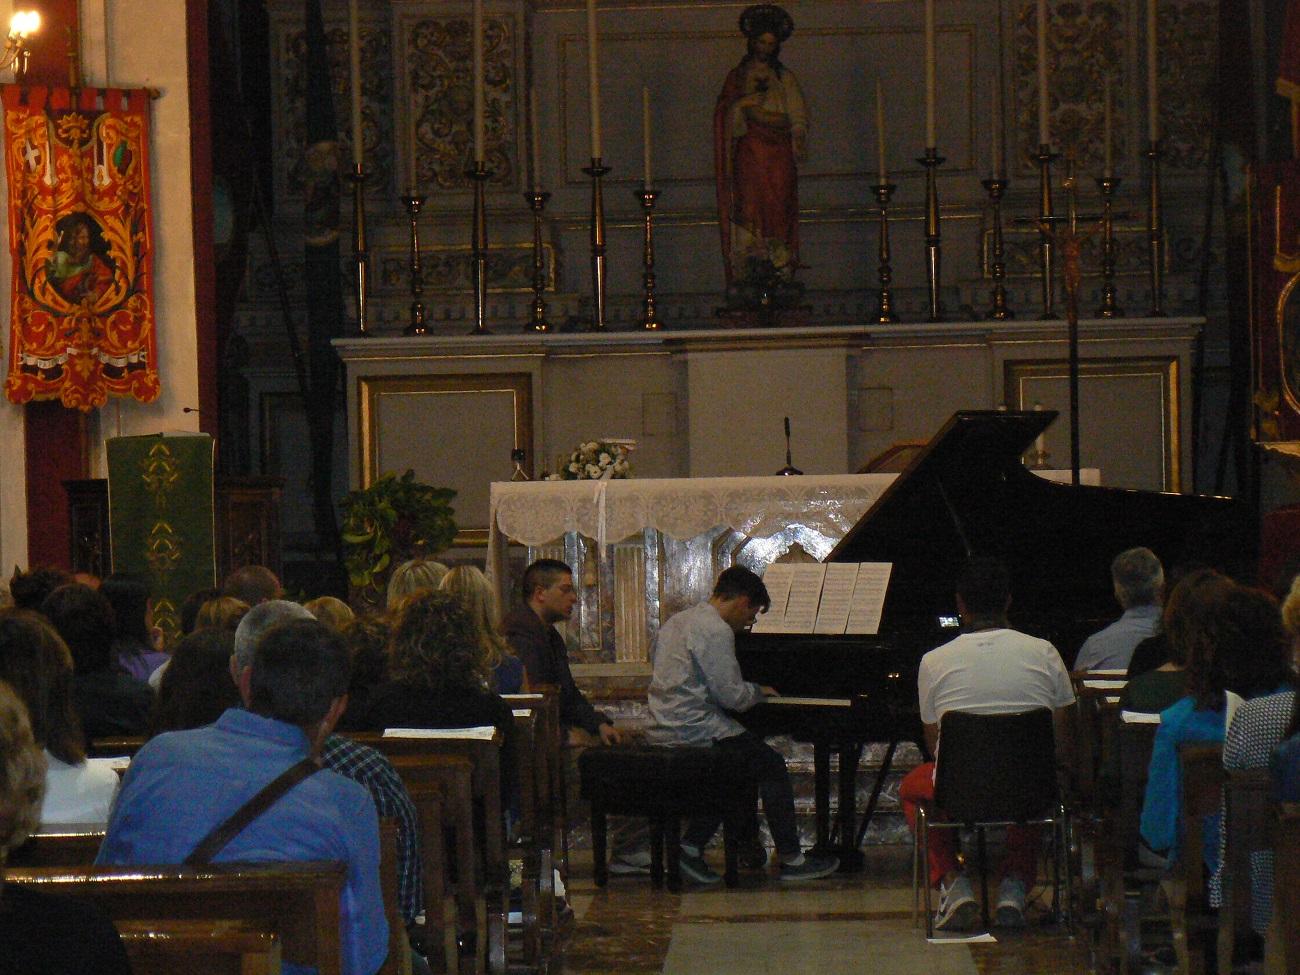 Il maestro Nieli con un altro musicista